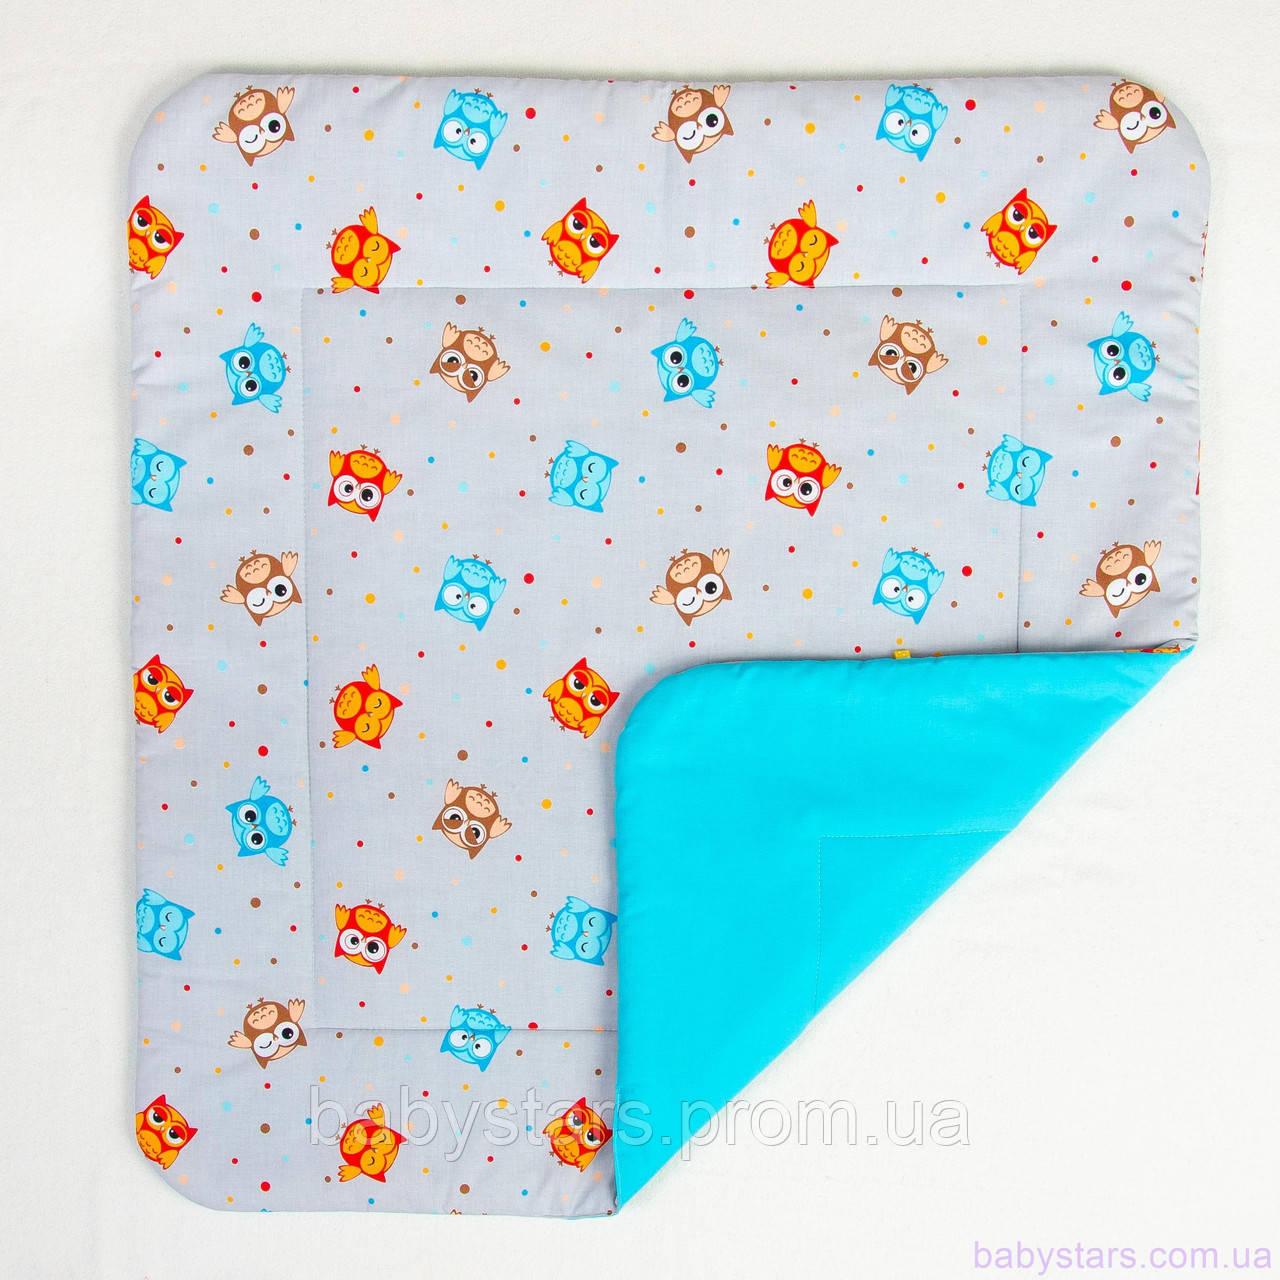 """Одеяло в детскую кровать 80х85 см, """"Забавные совы на бирюзе"""""""